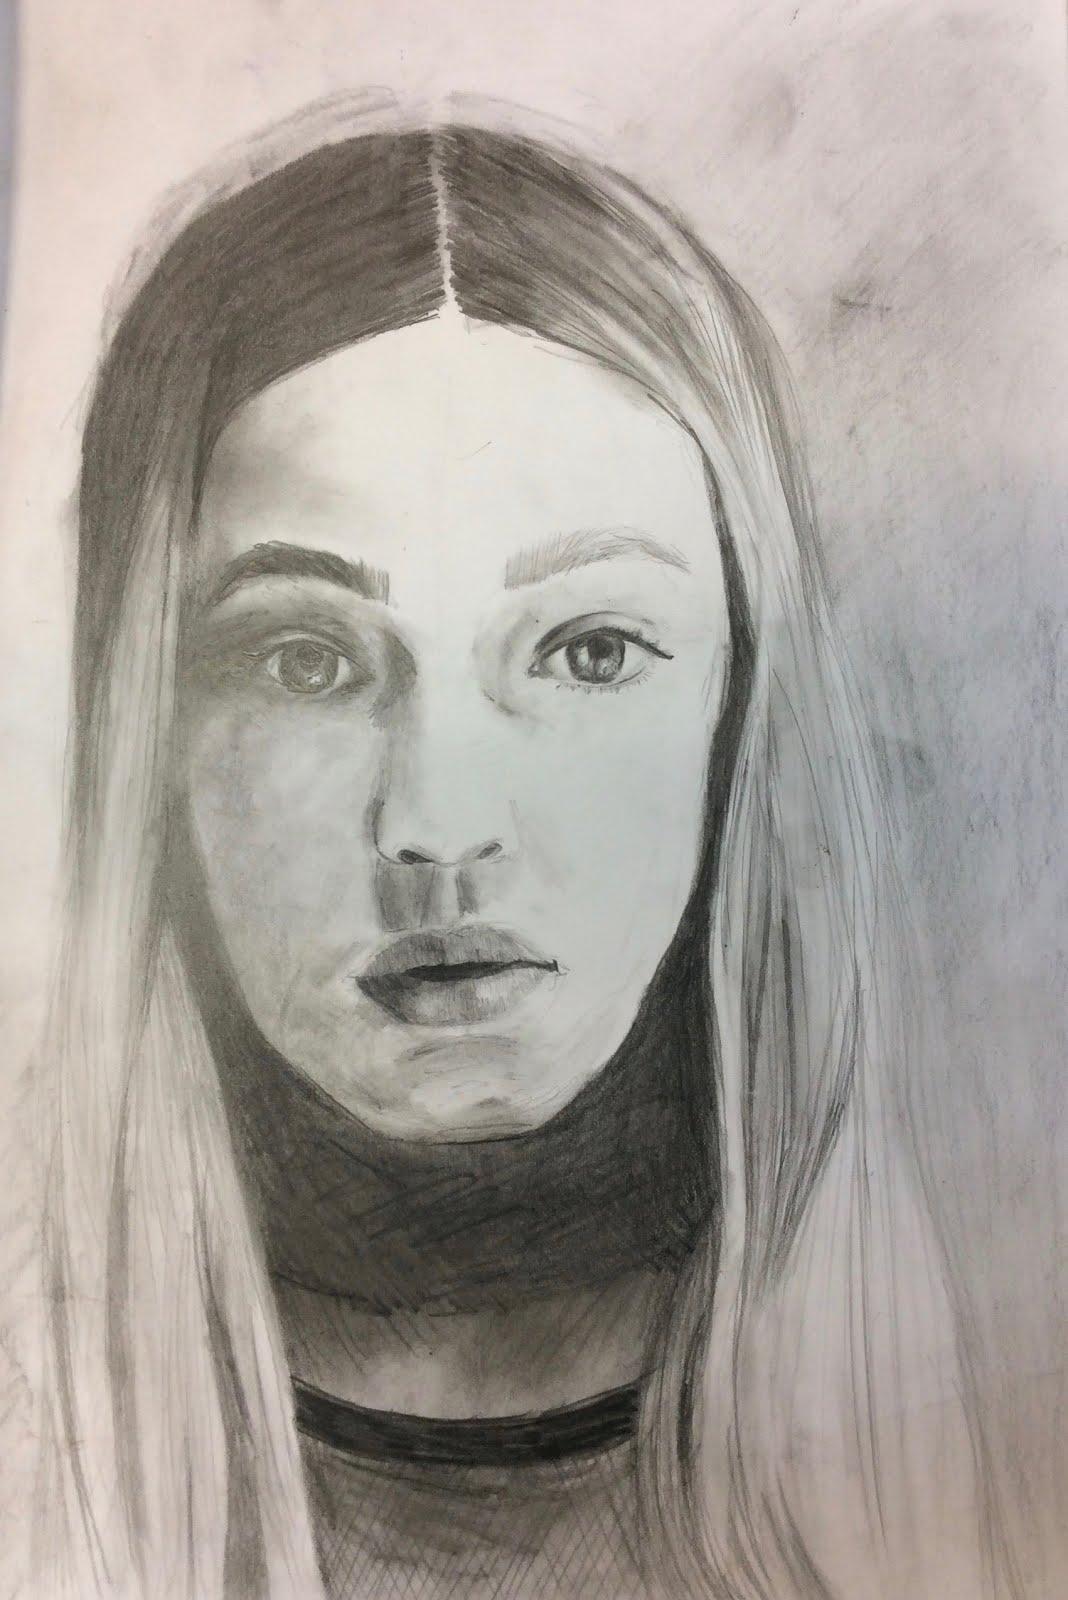 By Brenna